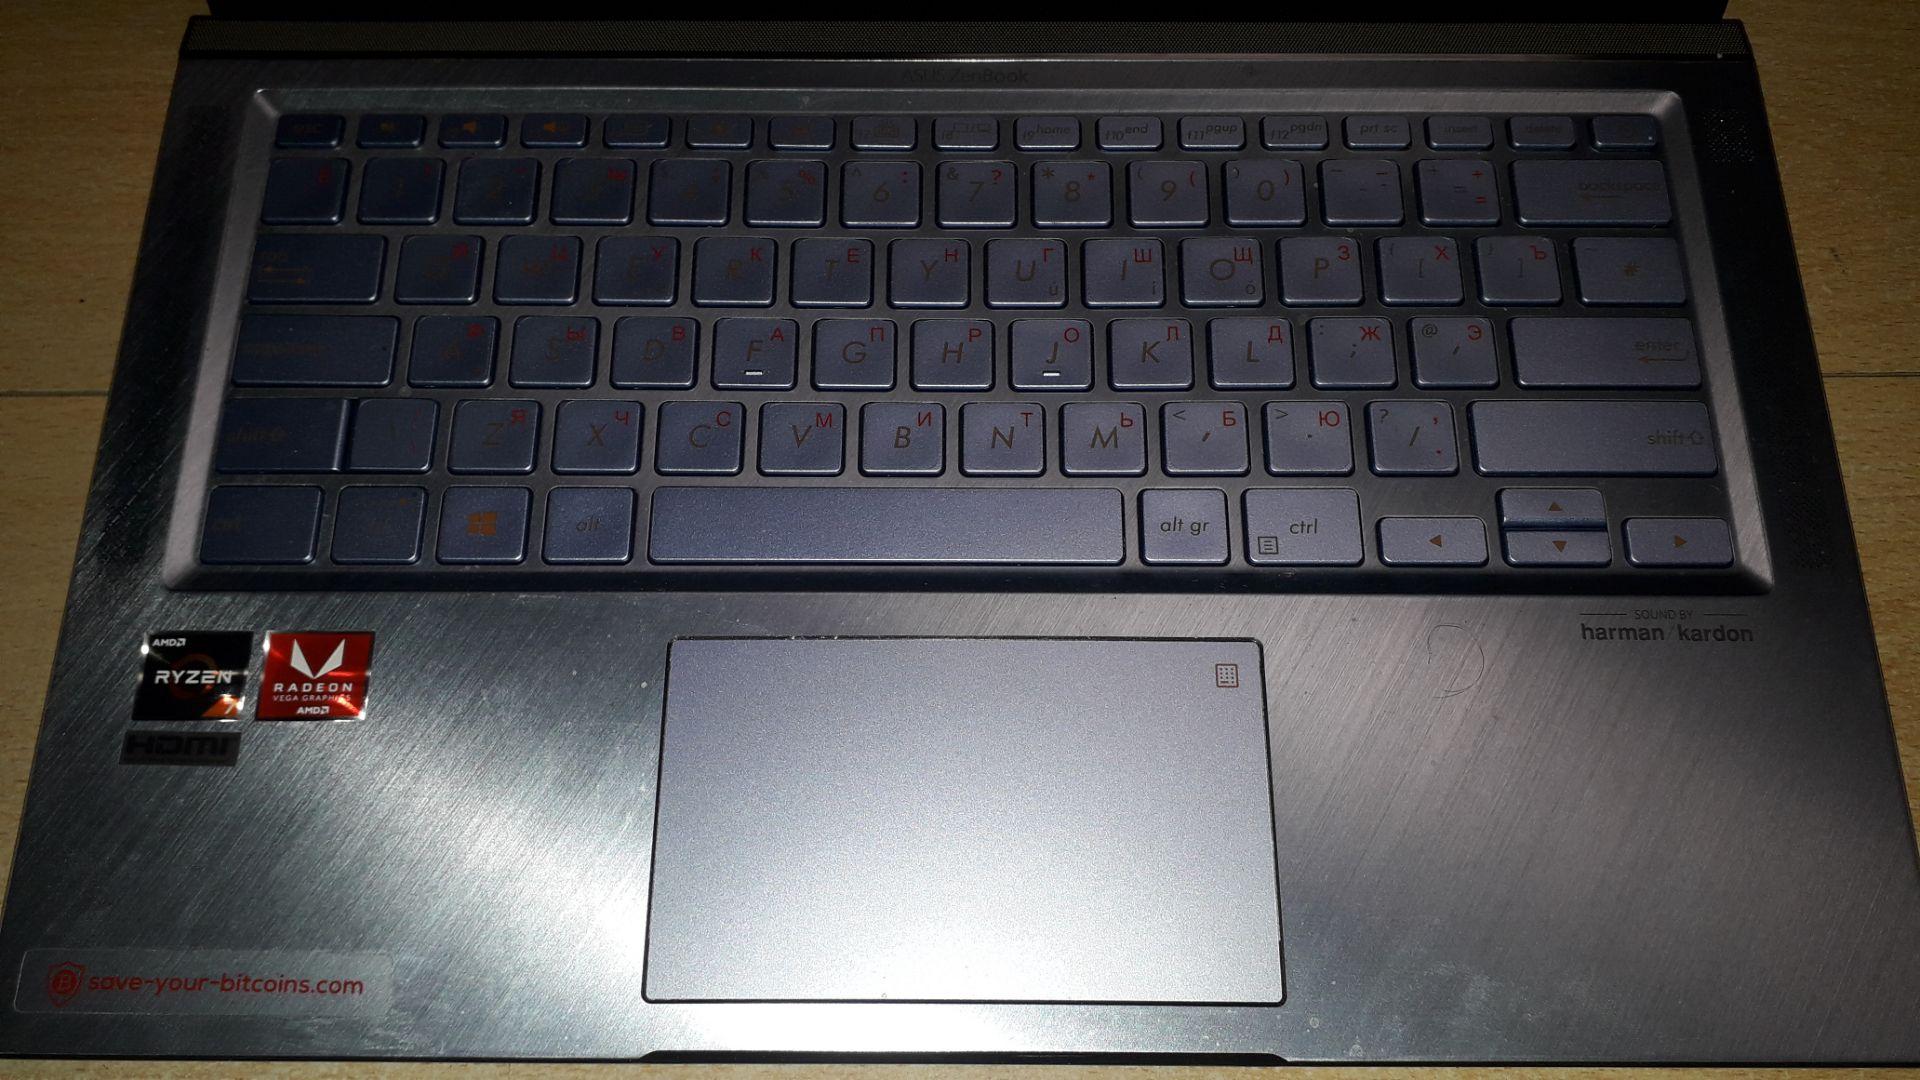 """Asus ZenBook UM431D 14"""" Ryzen 7 Laptop (2020) Seri - Image 4 of 5"""